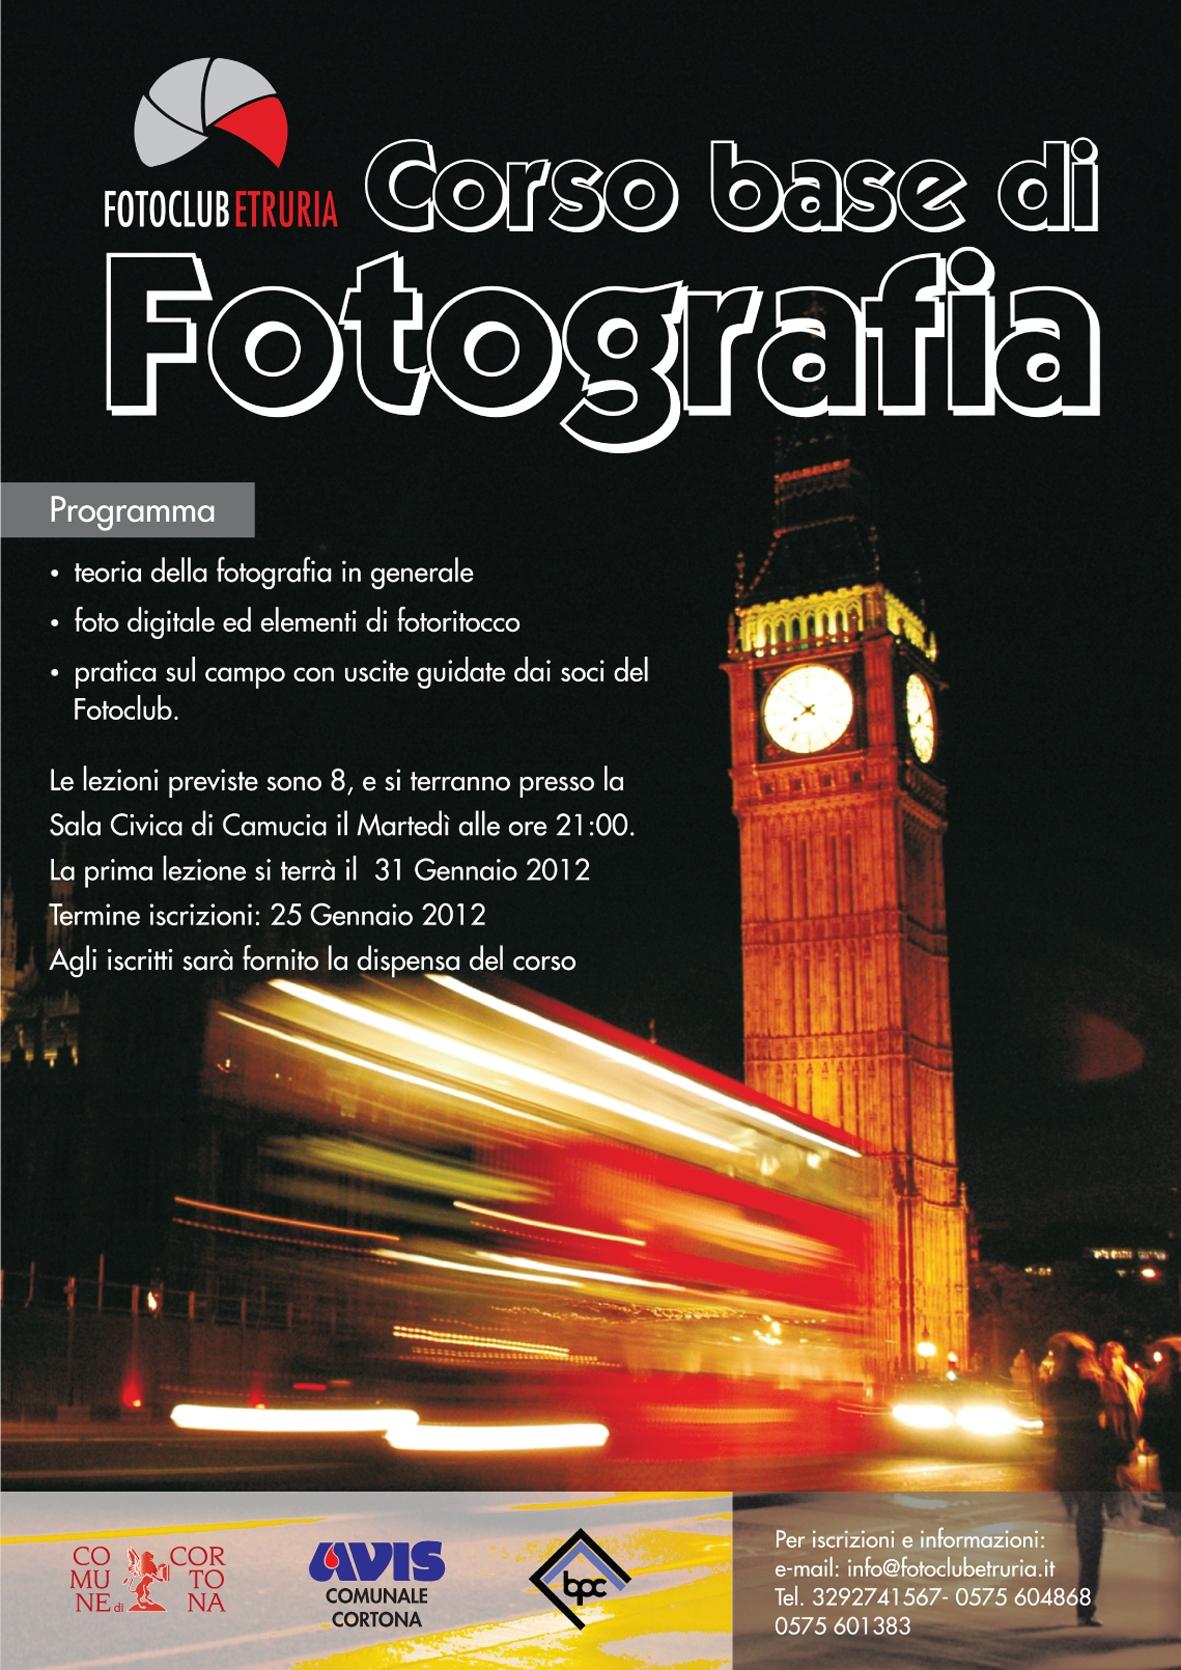 Corso base di fotografia promosso dal FotoClub Etruria